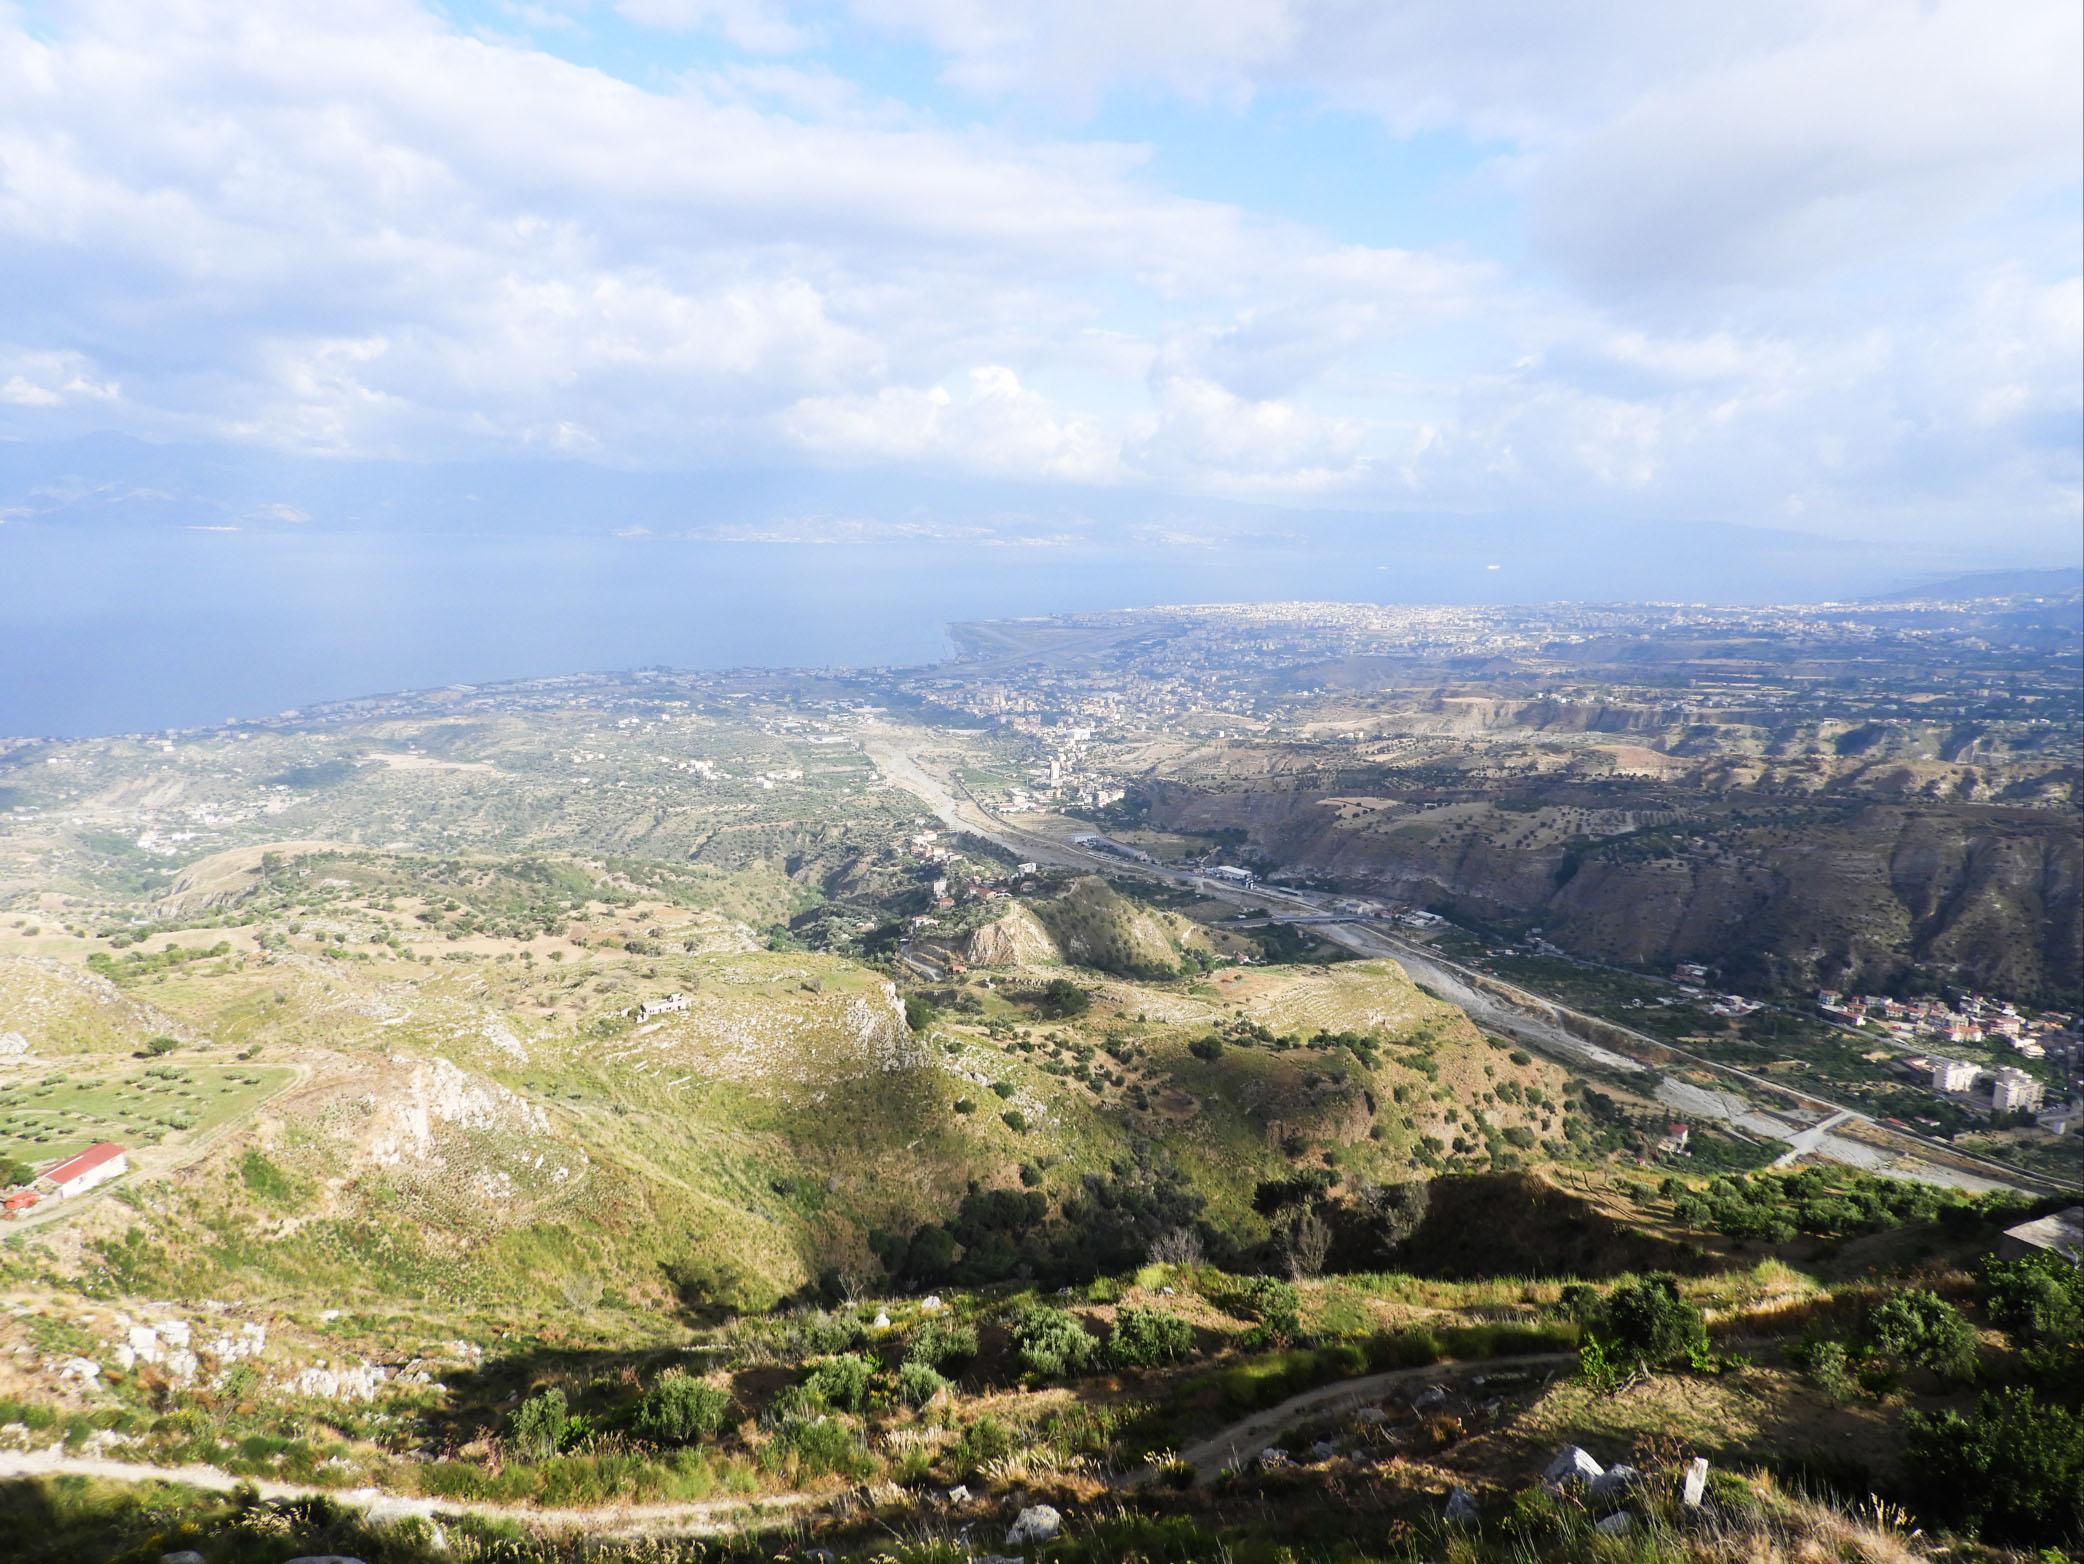 Vista della città di Reggio Calabria